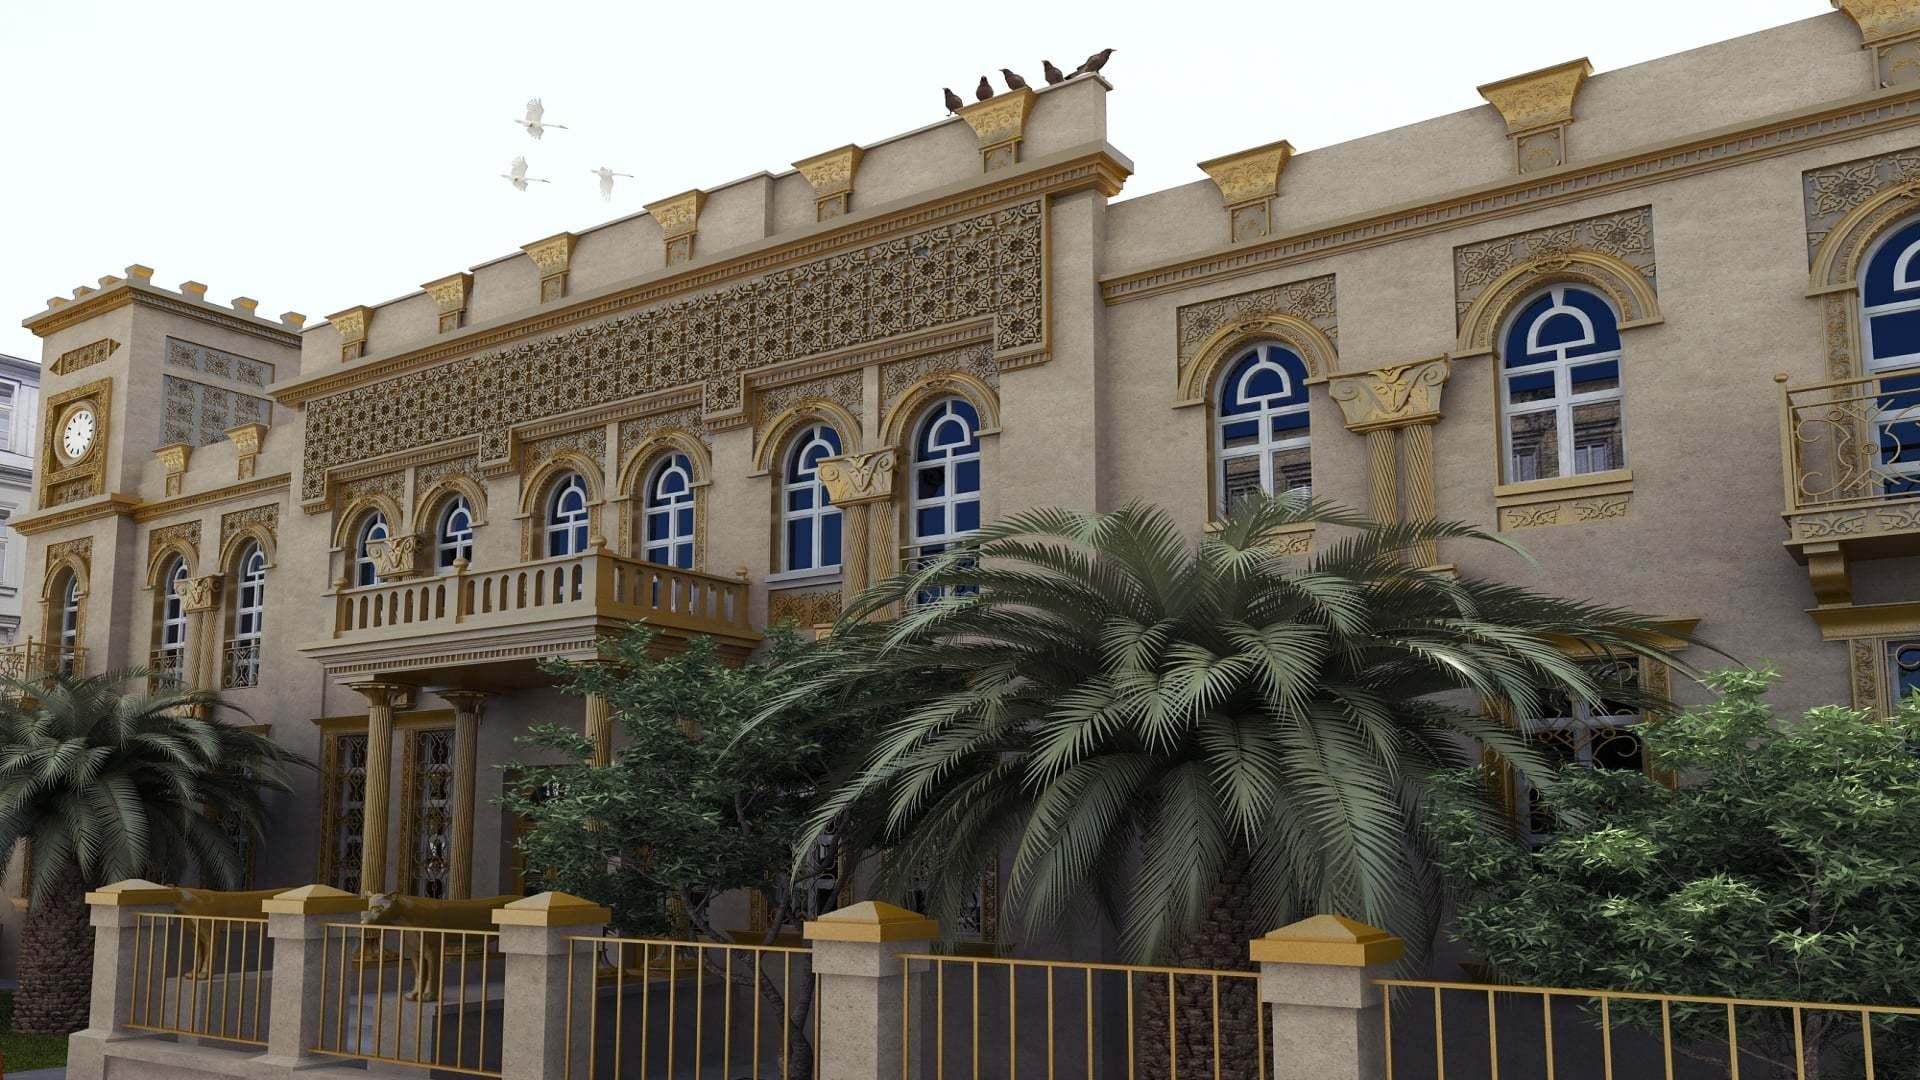 Libya'daki Malikane'nin Ön Cephesi